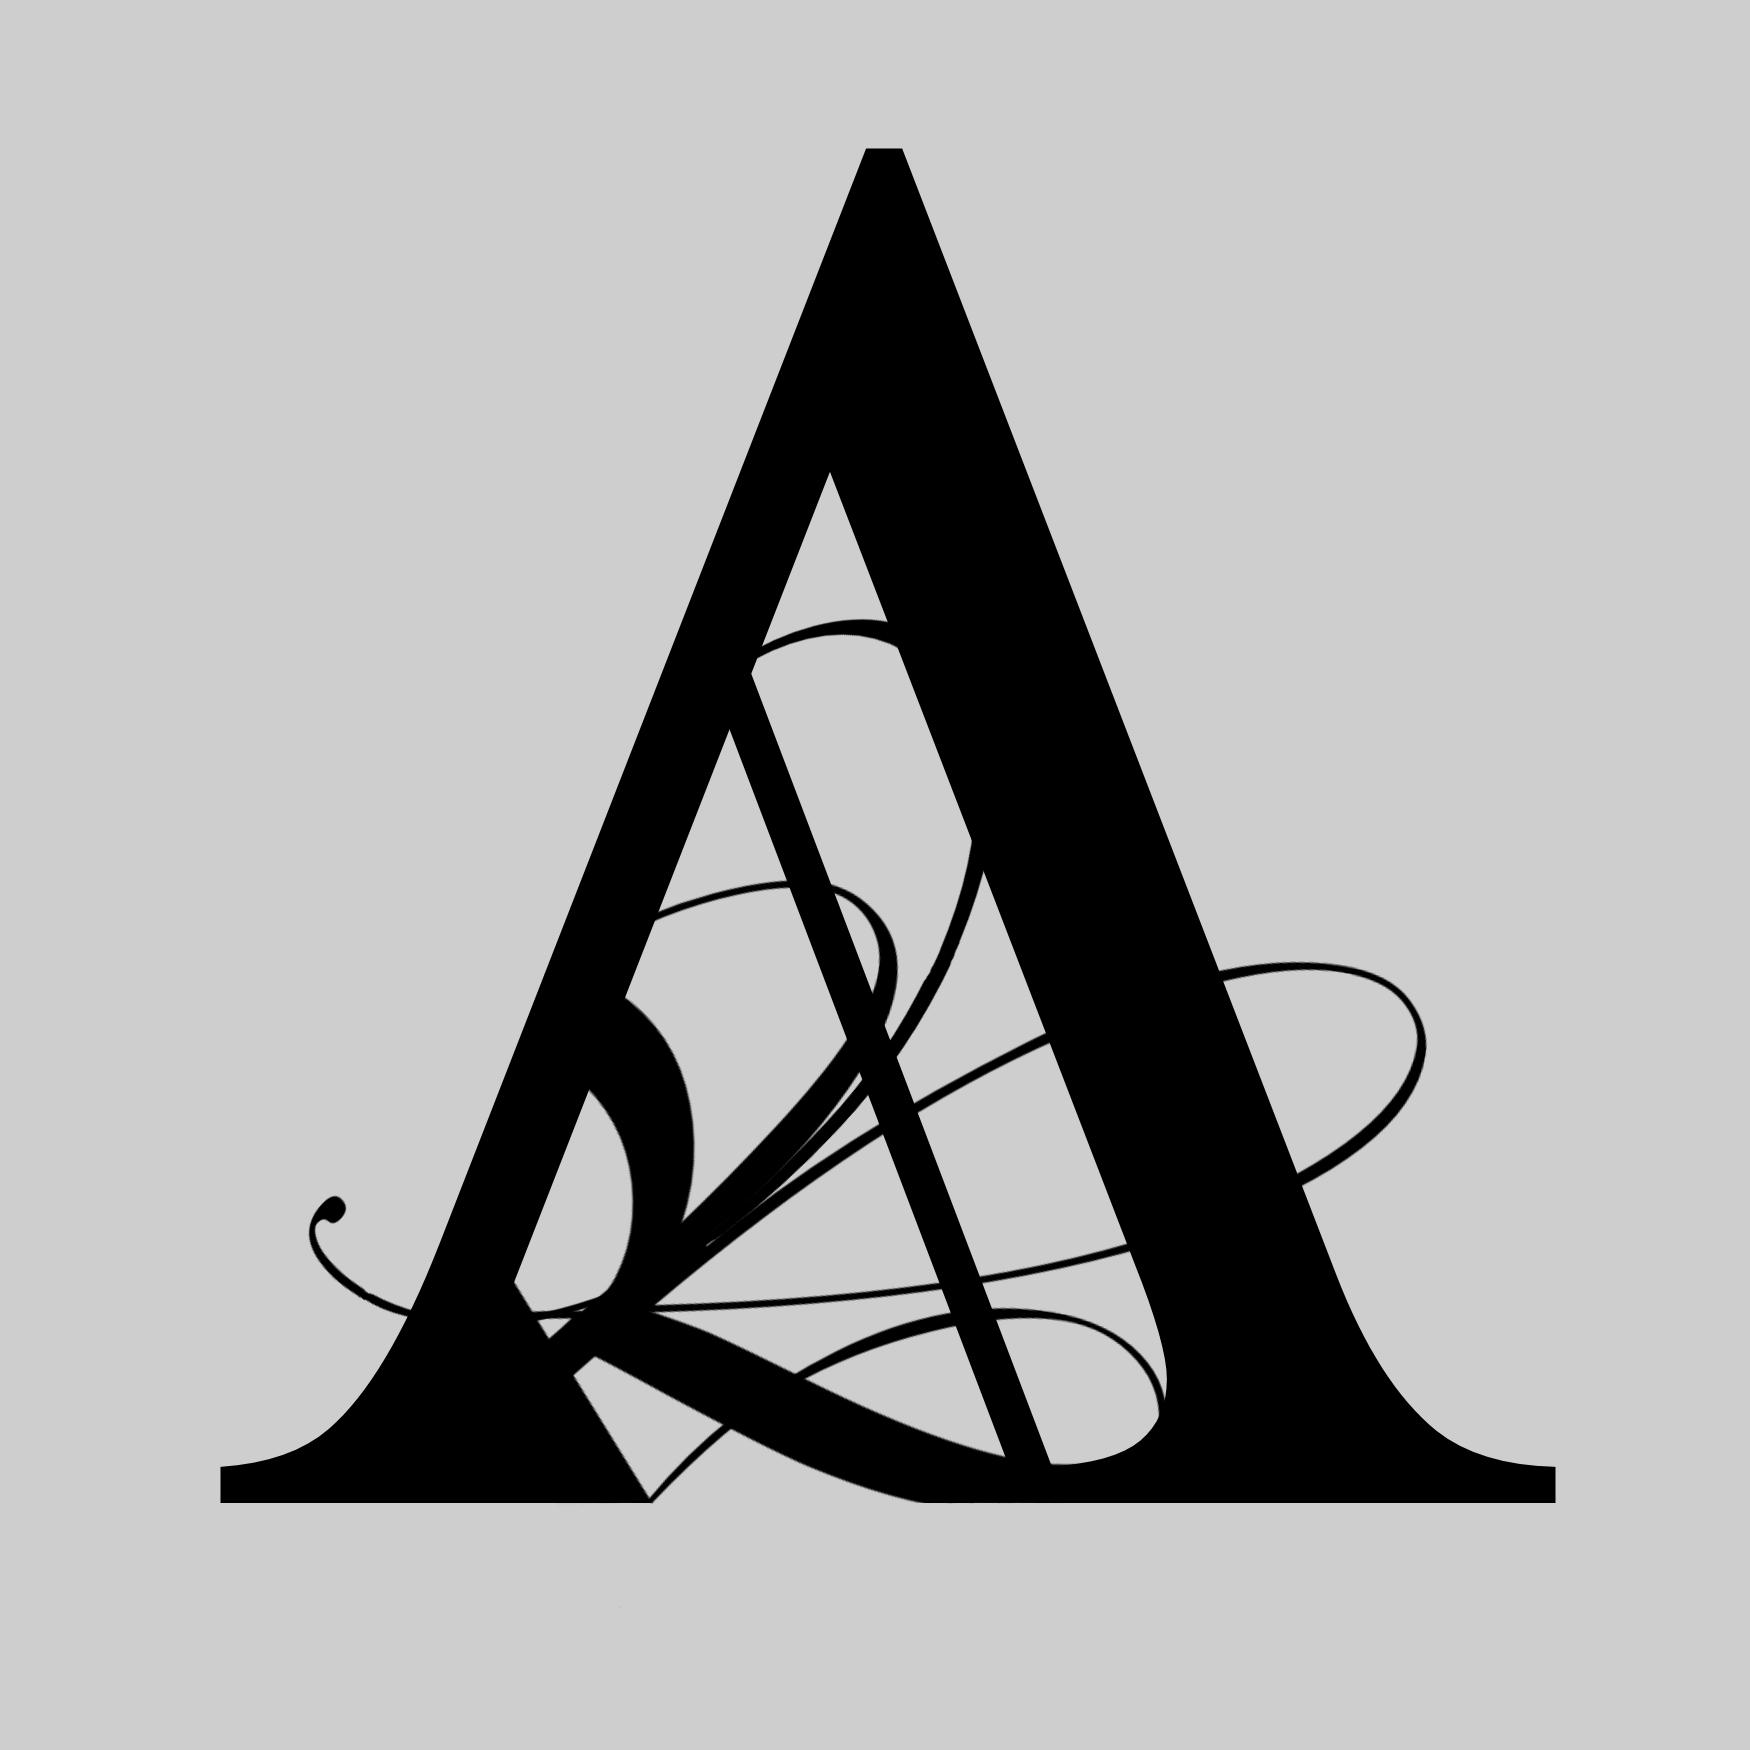 Lambda - Font Study